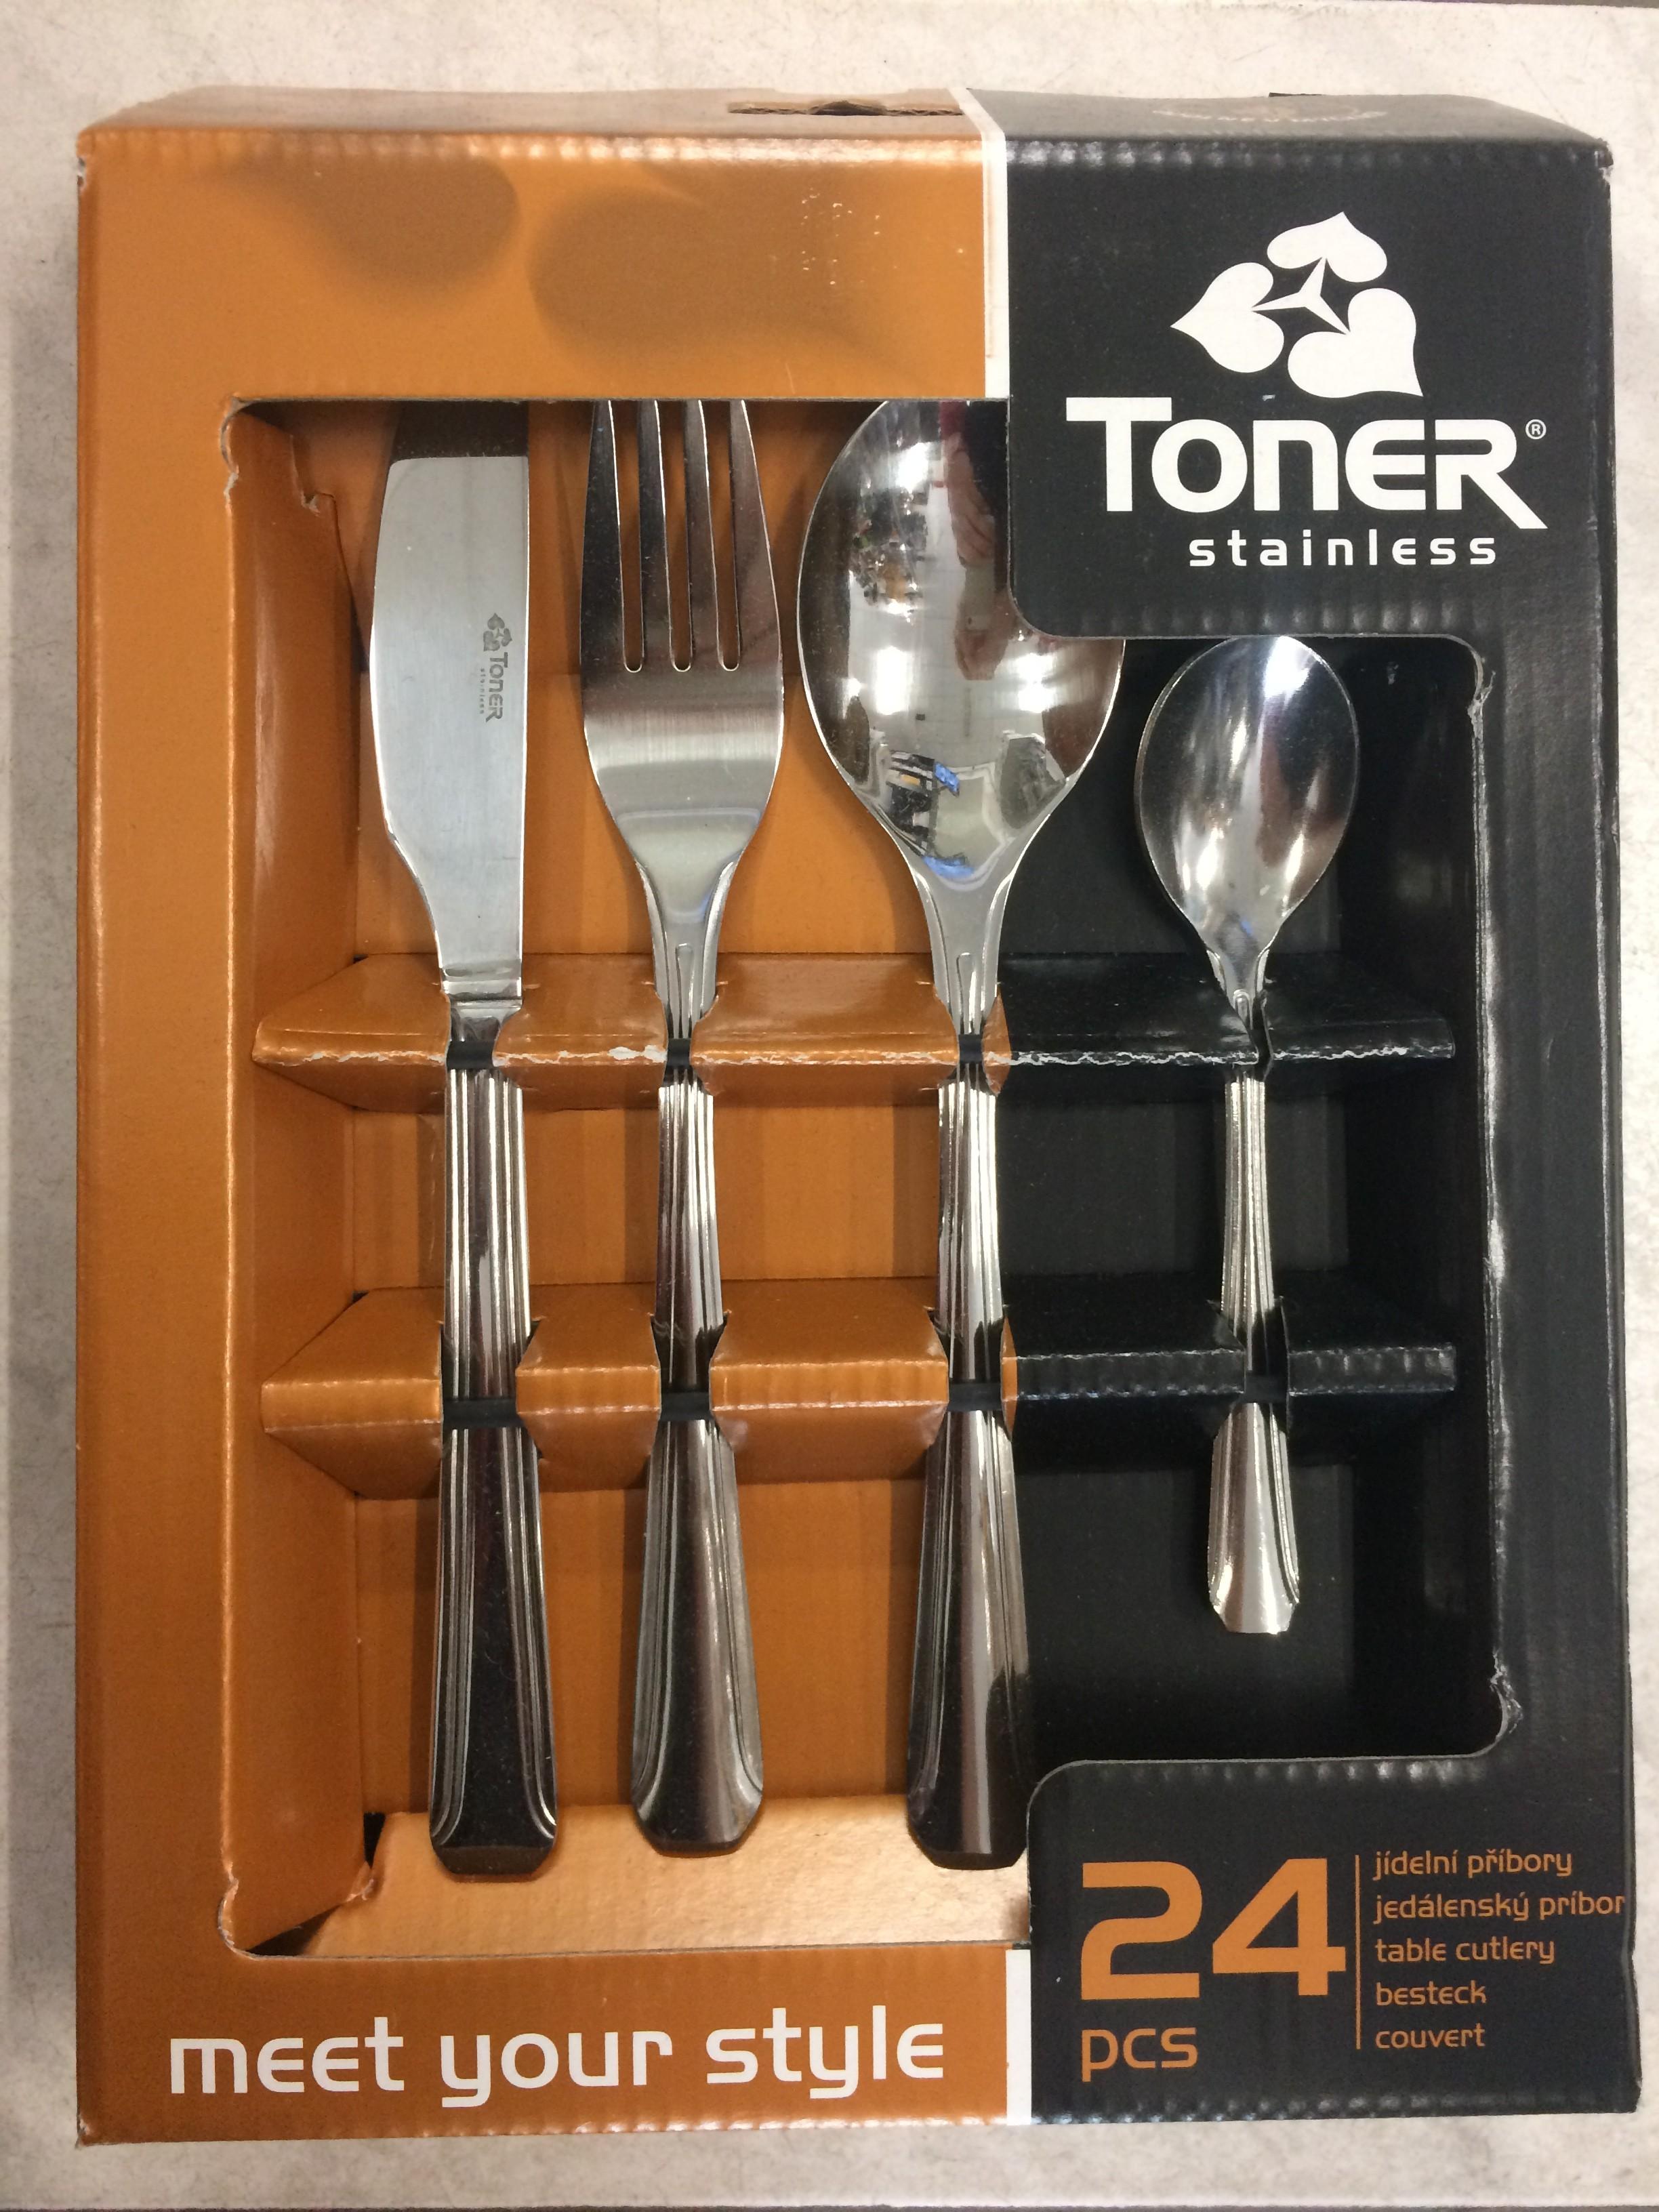 Příbory jídelní TONER Octagon sada 24 ks pro 6 osob nerez 6035 6035S001